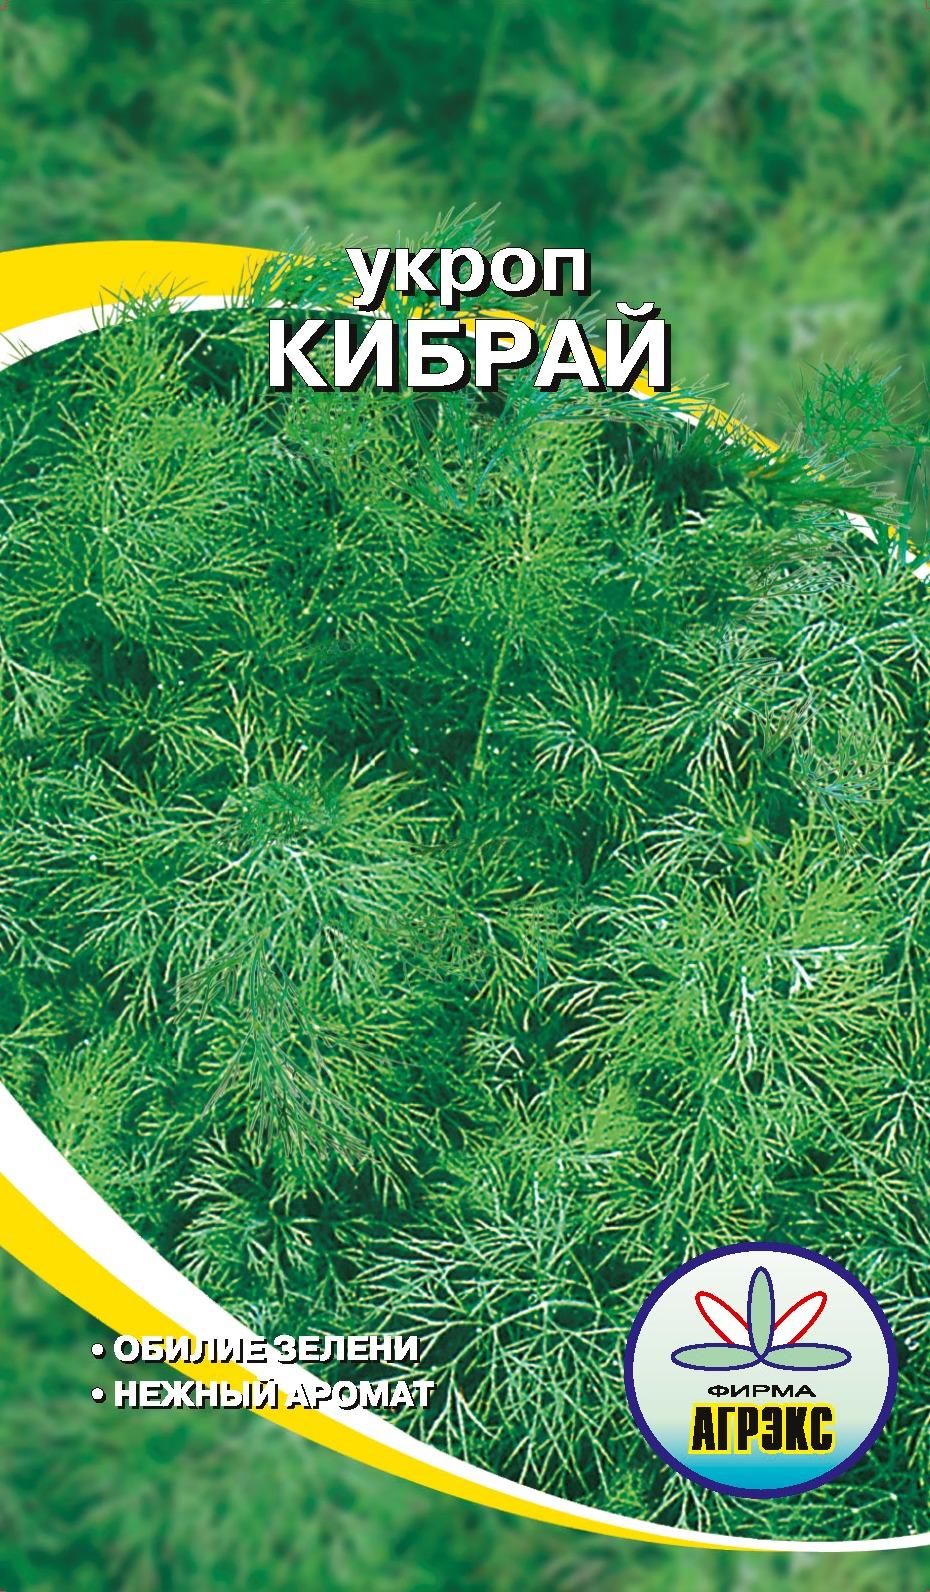 Укроп кибрай: реальные отзывы, топ секреты выращивания, фото